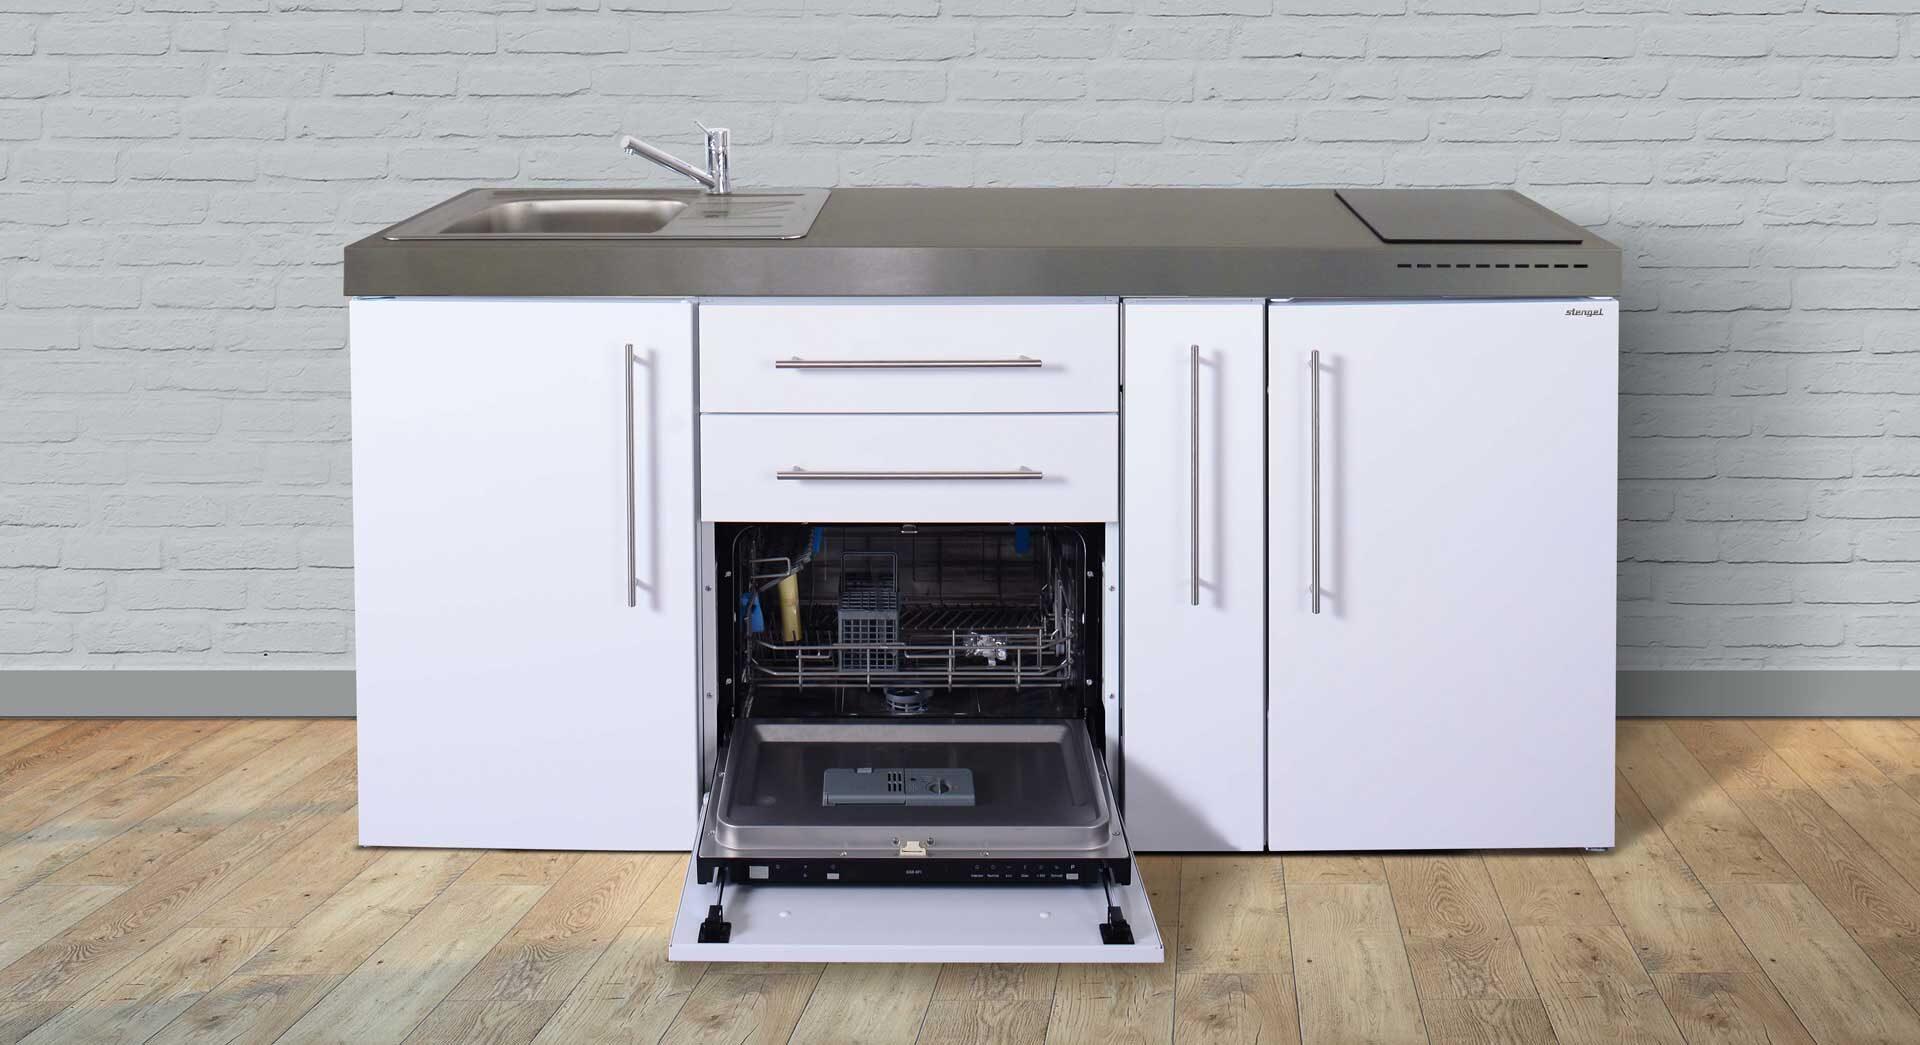 MPGS 180 A - pulverlakeret rustfrit stål minikøkken med køl/frys, opvaskemaskine, udtræksskab, induktionskogeplader mm.